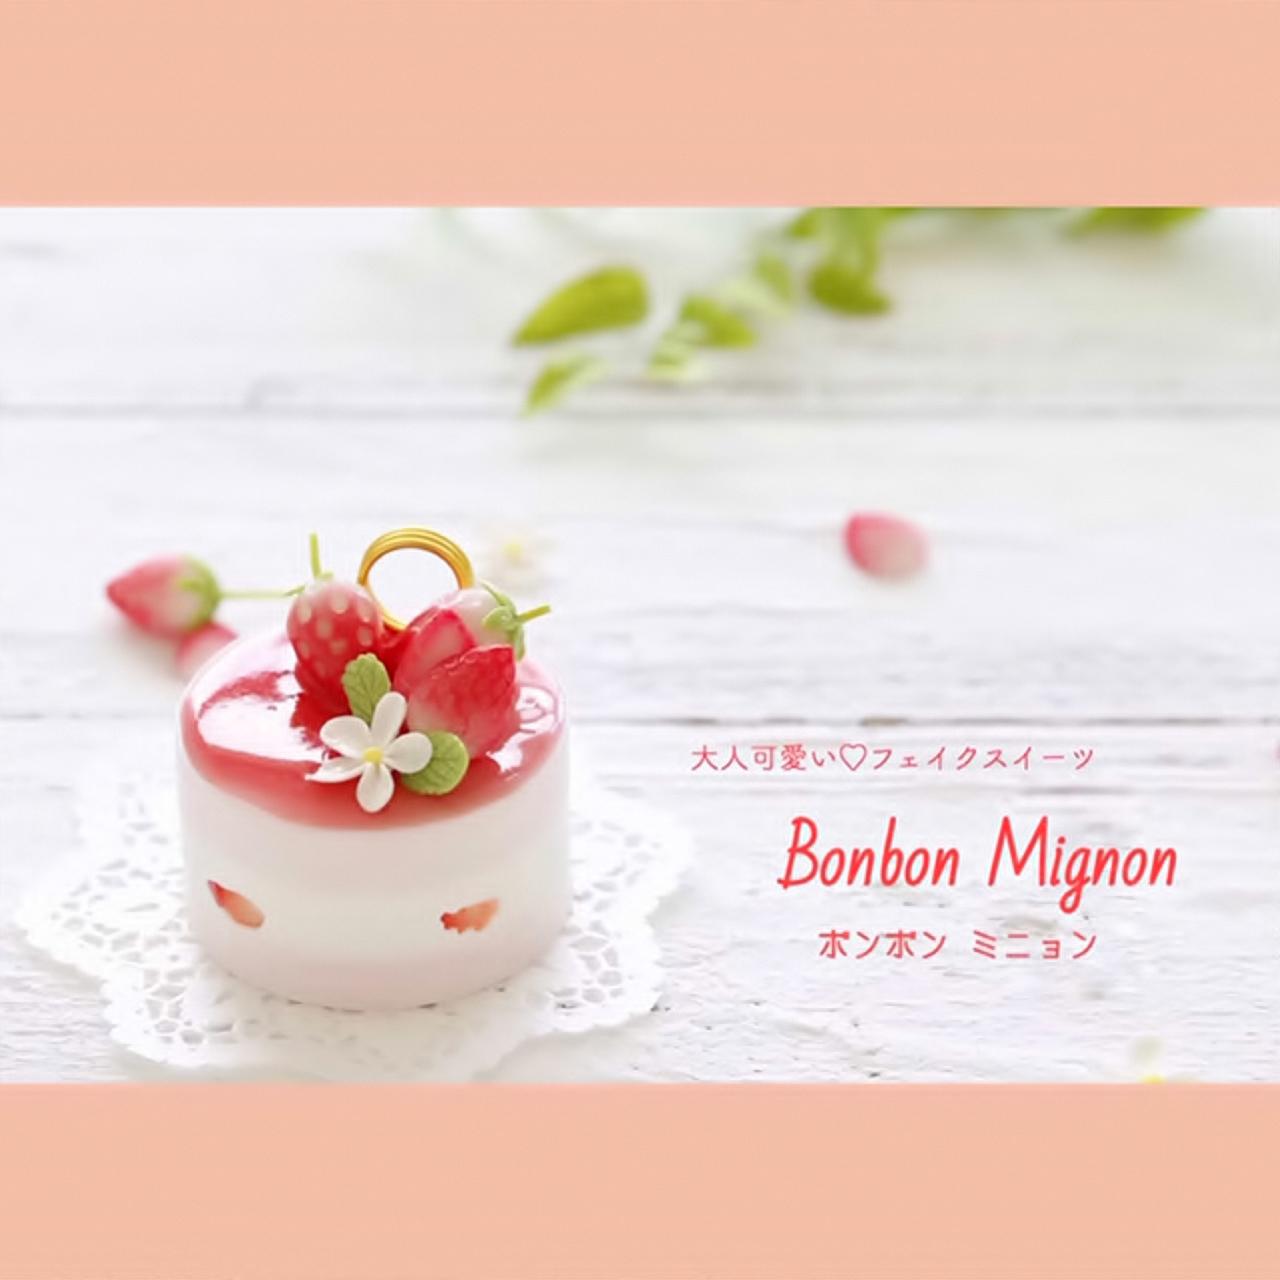 Bonbon Mignon